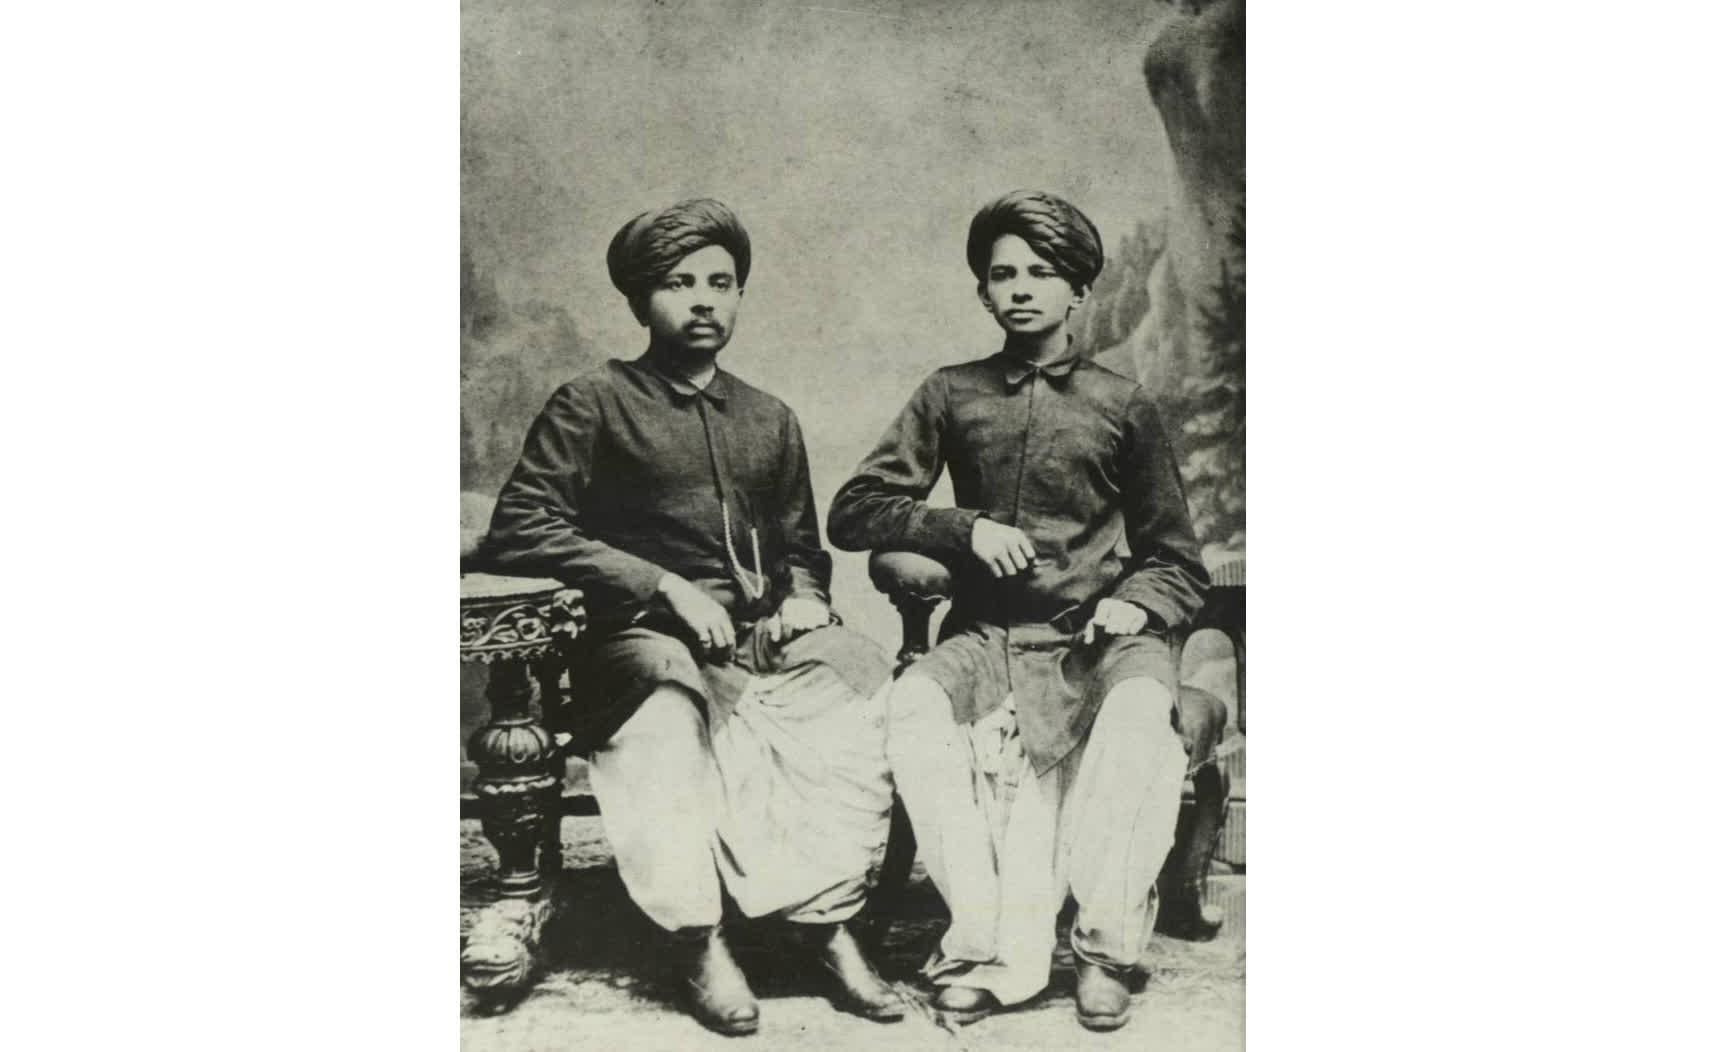 पोरबंदर के प्रधानमंत्री थे  गांधी के दादा